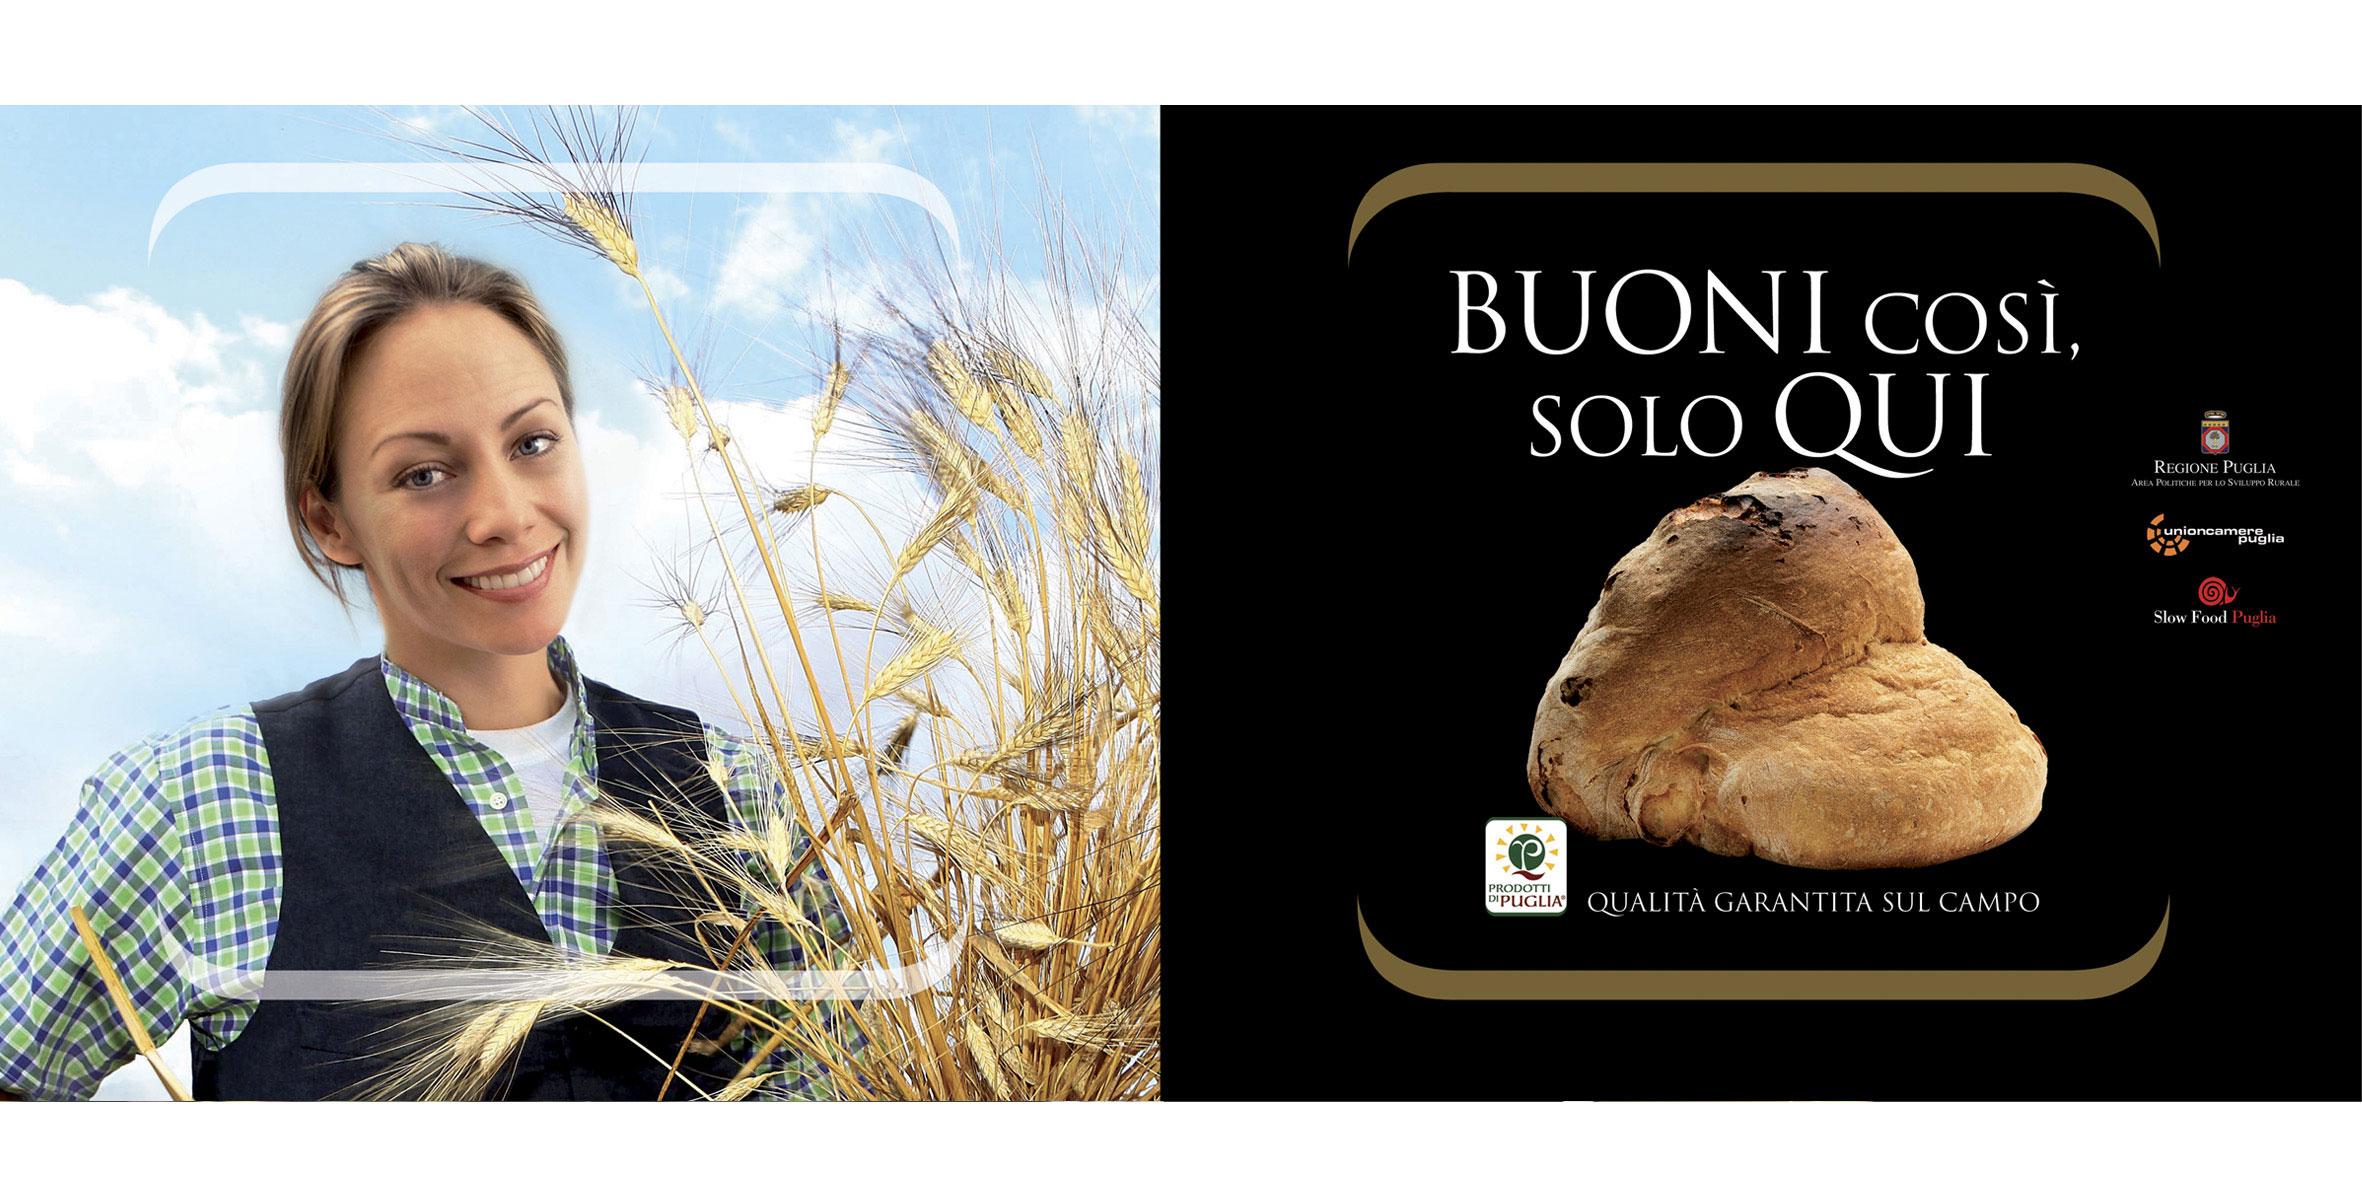 BUONI-COSI-SOLO-QUI-4